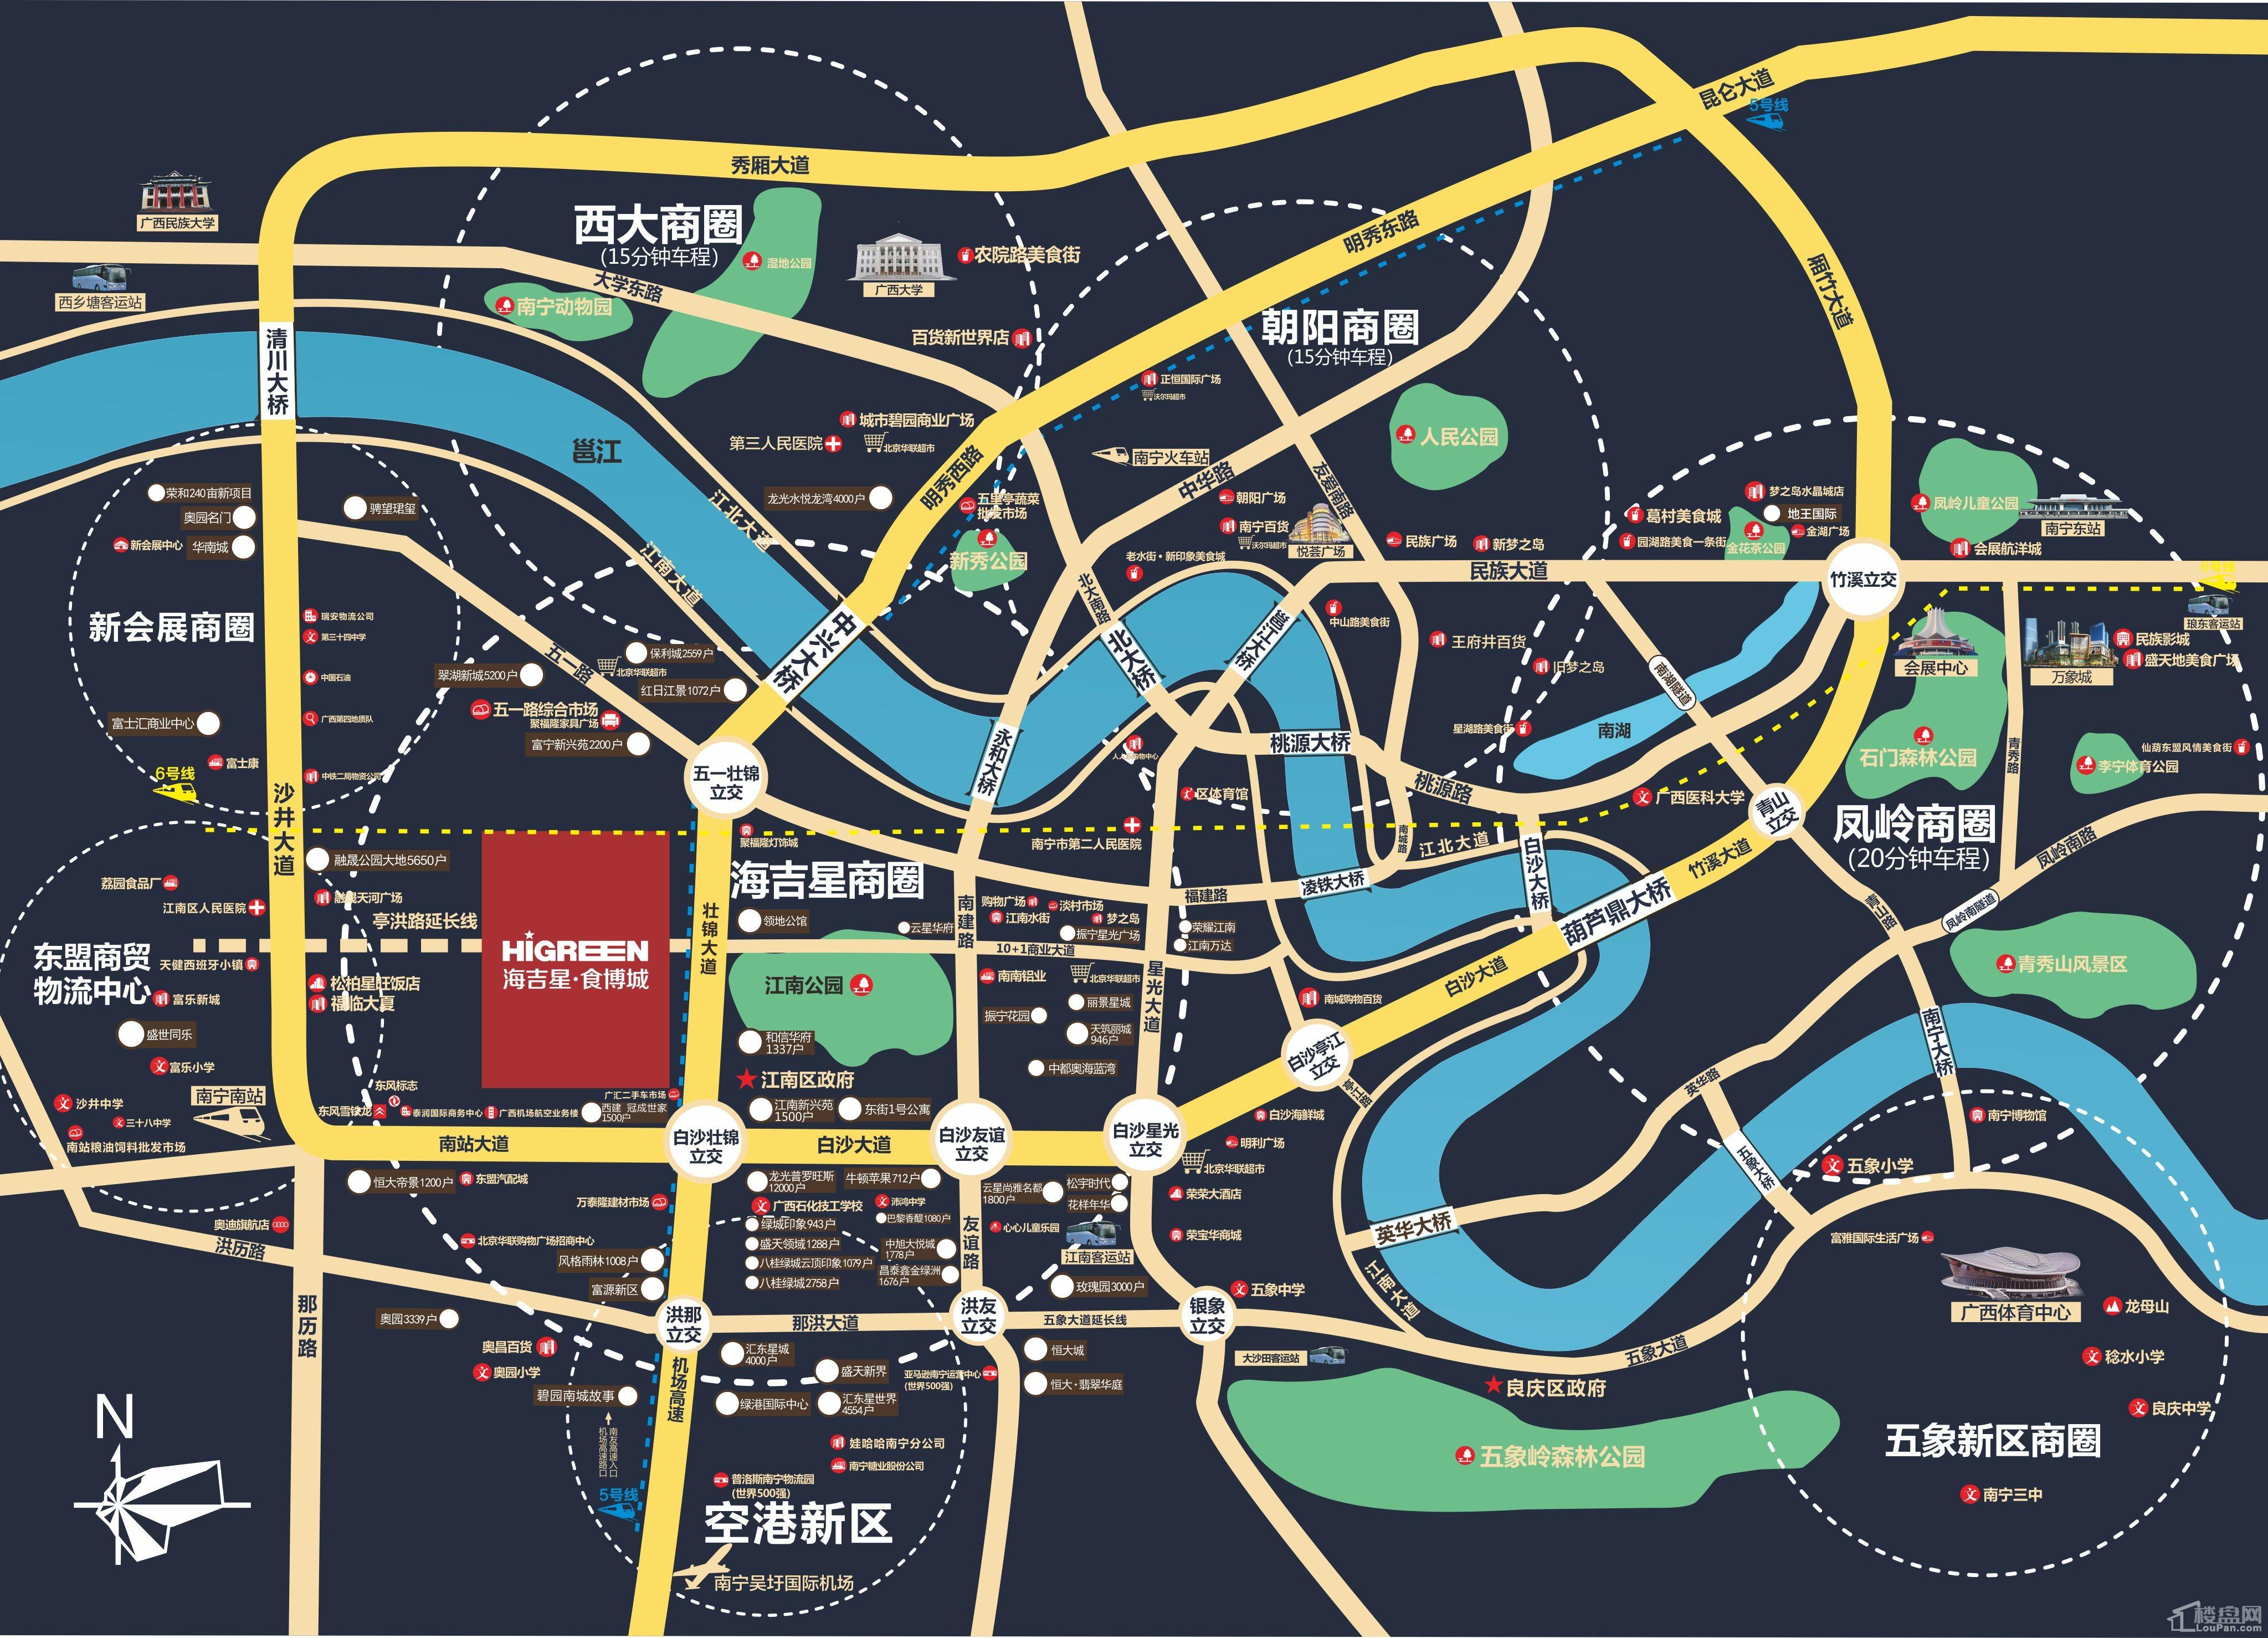 海吉星·食博城位置图